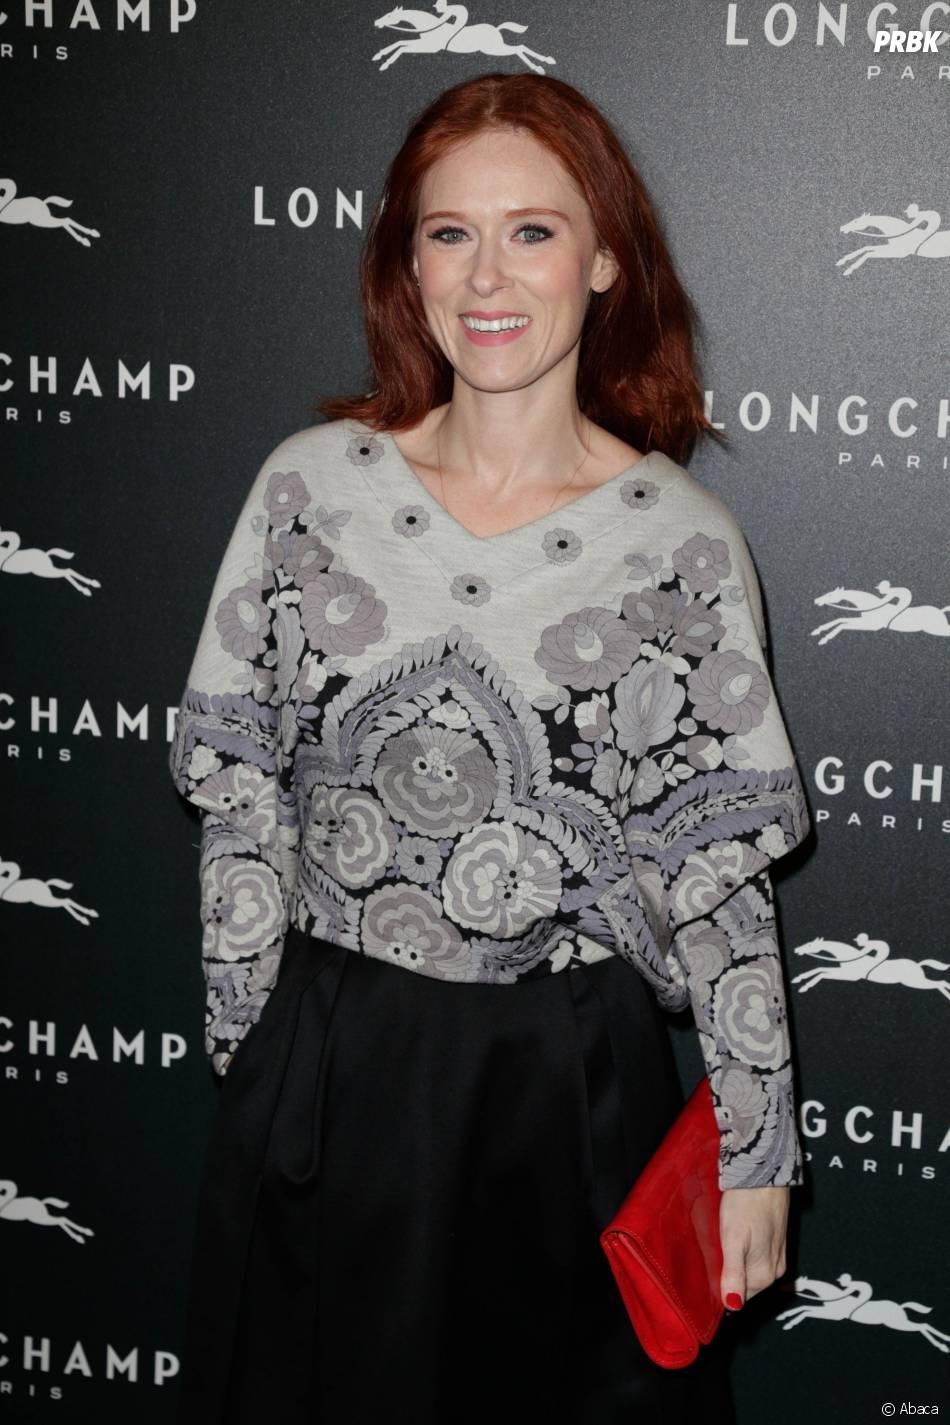 Audrey Fleurot à l'ouverture de la boutique Longchamp sur les Champs Elysées à Paris, le 4 décembre 2014